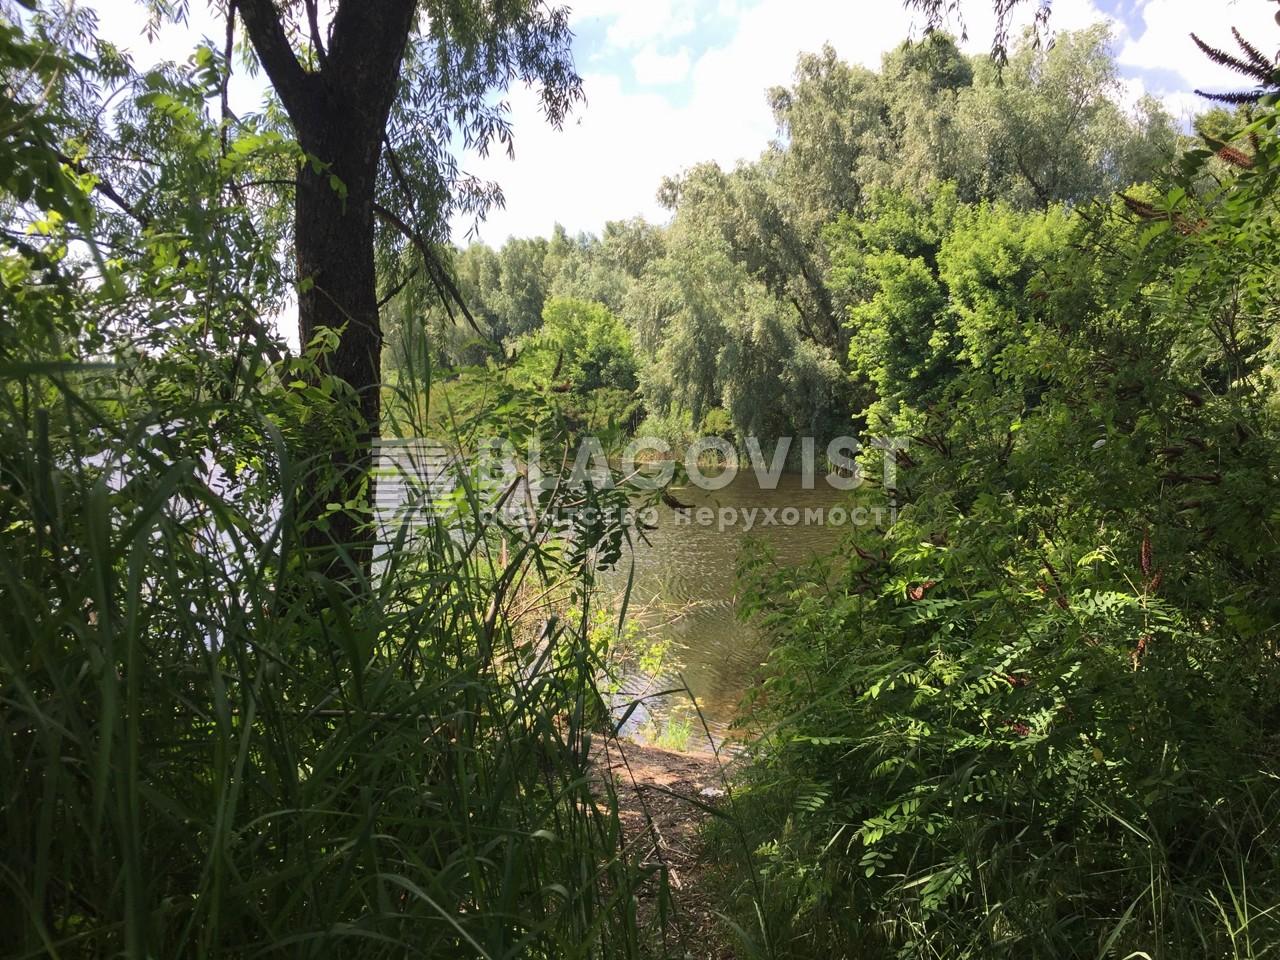 Земельный участок P-29824, Центральная, Киев - Фото 5